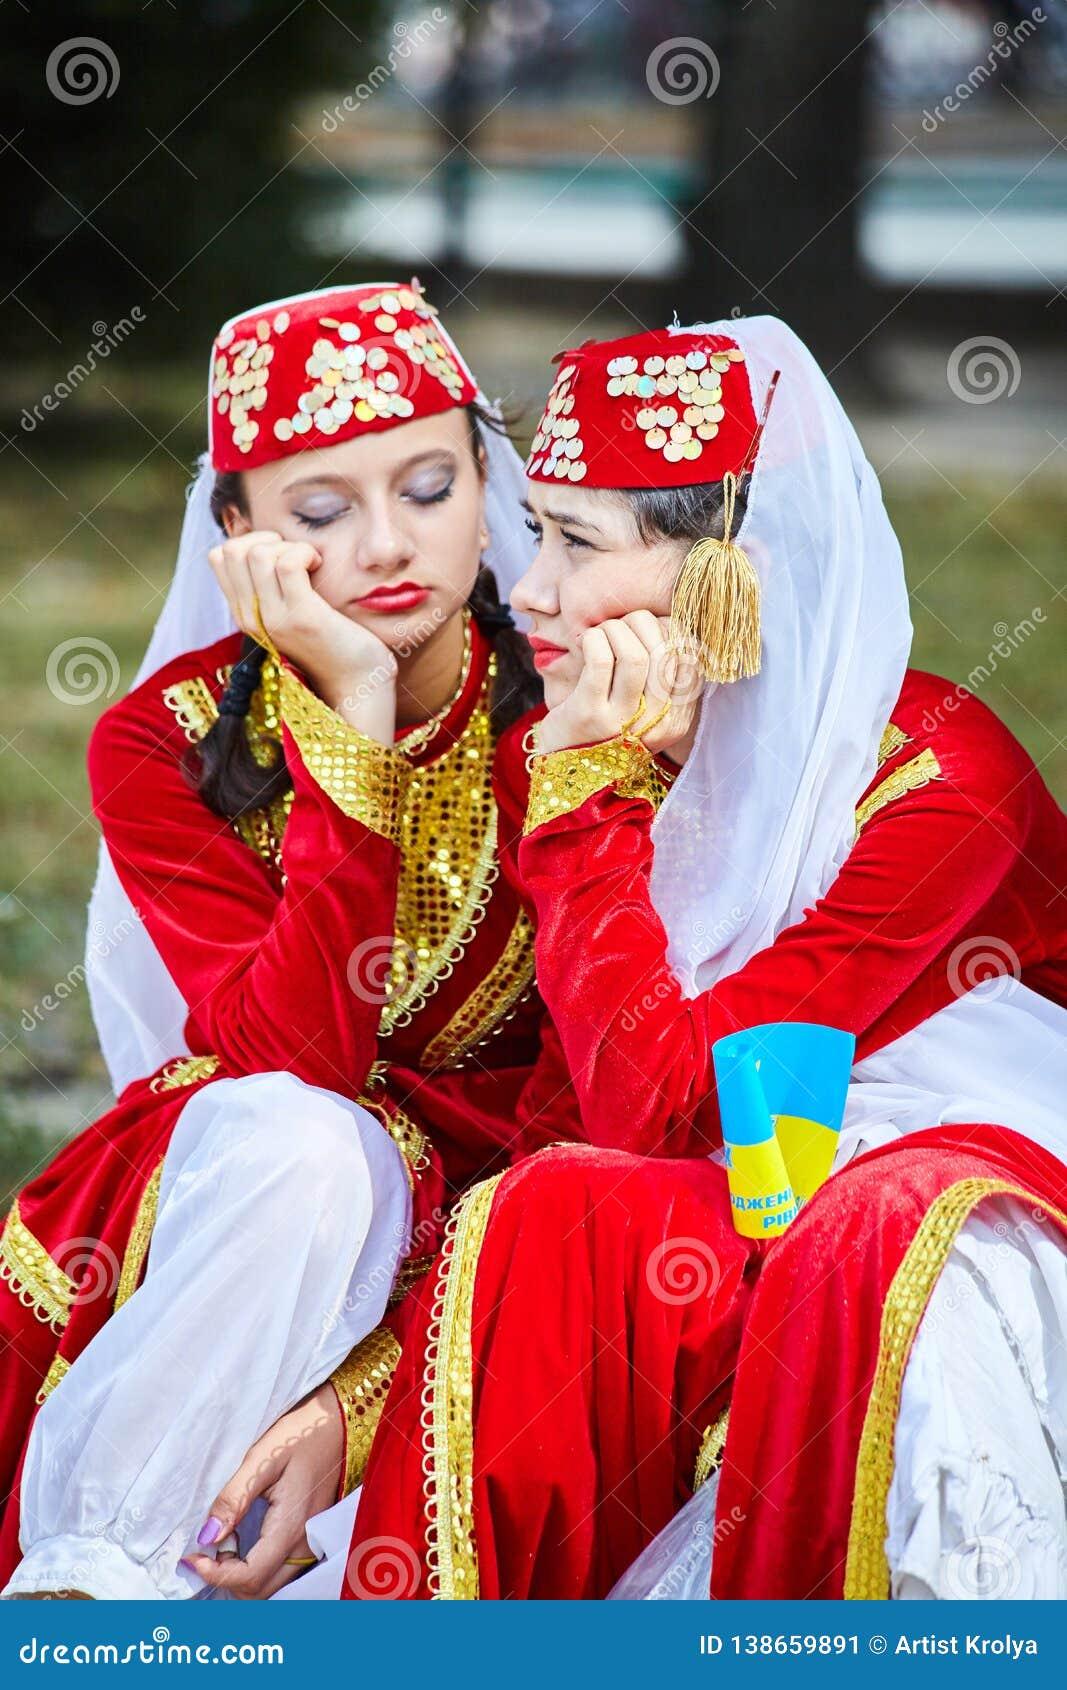 民间传说服装的亚美尼亚鞑靼人的女孩等待他们的表现